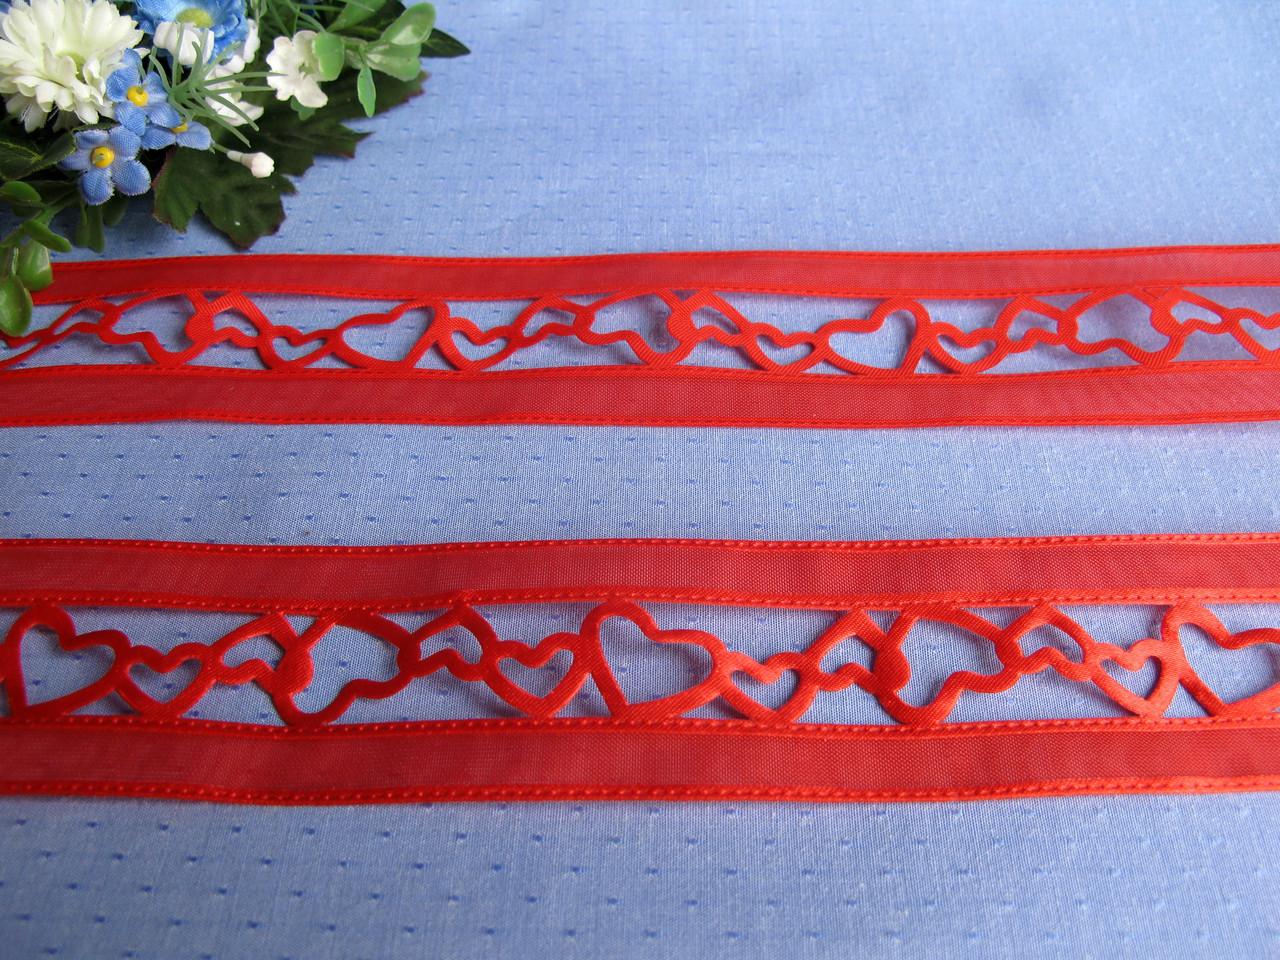 Лента ажурная красная 4 см цена за метр 12 грн метр